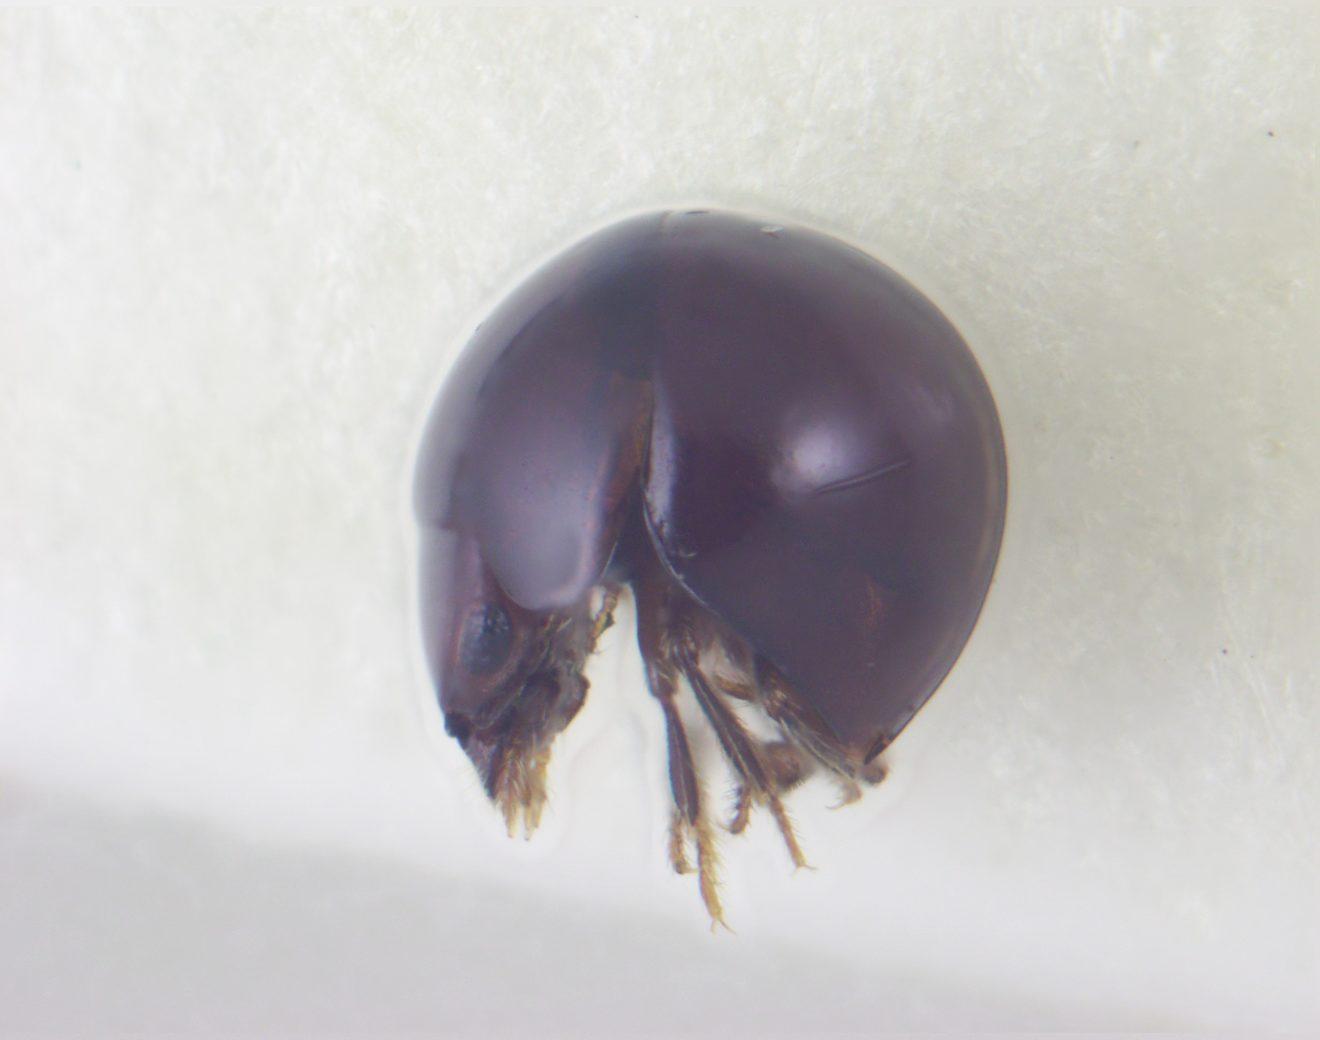 ナルサワマルタマキノコムシ